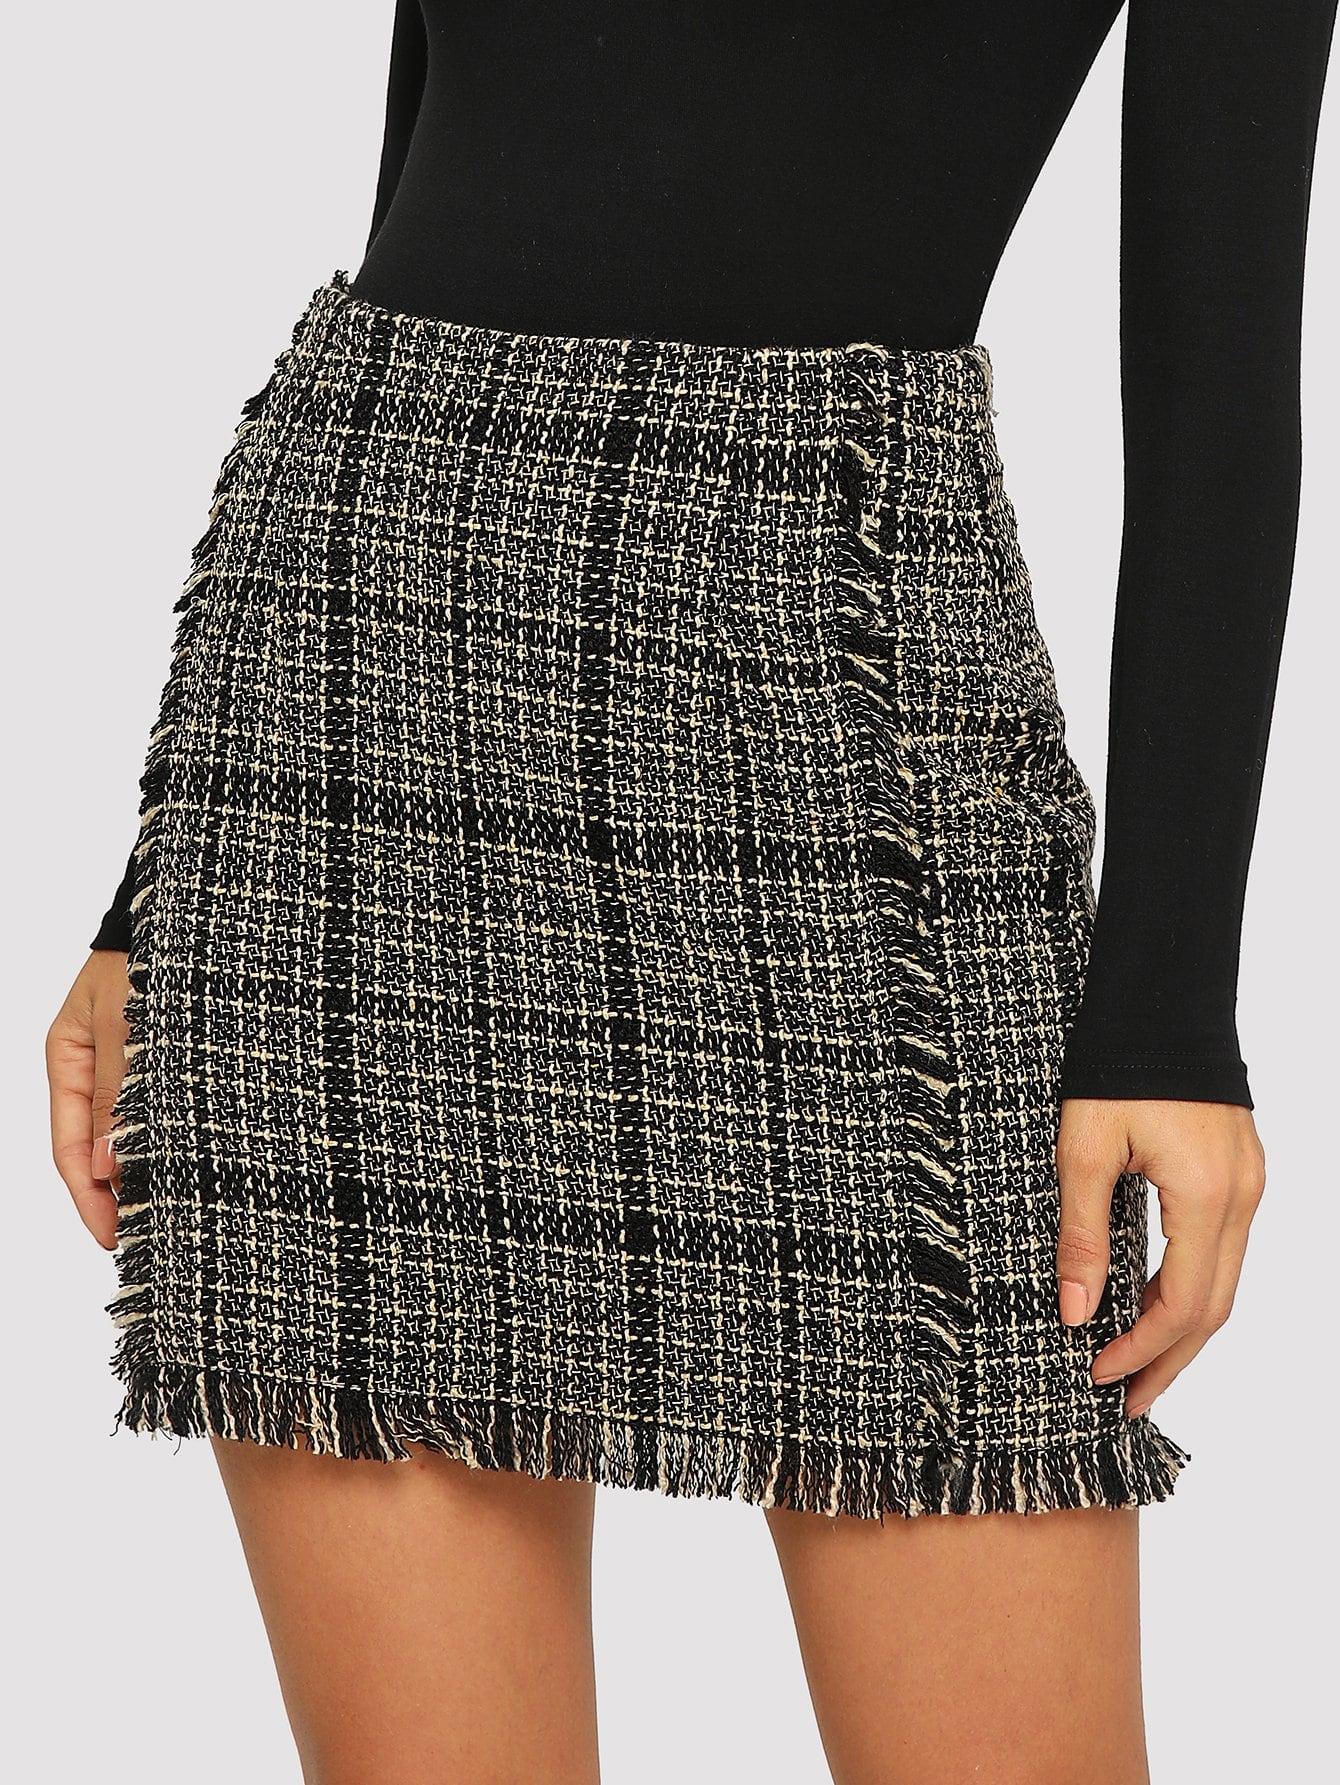 Купить Твидовая юбка в клетку со сырыми оторочками, Juliana, SheIn